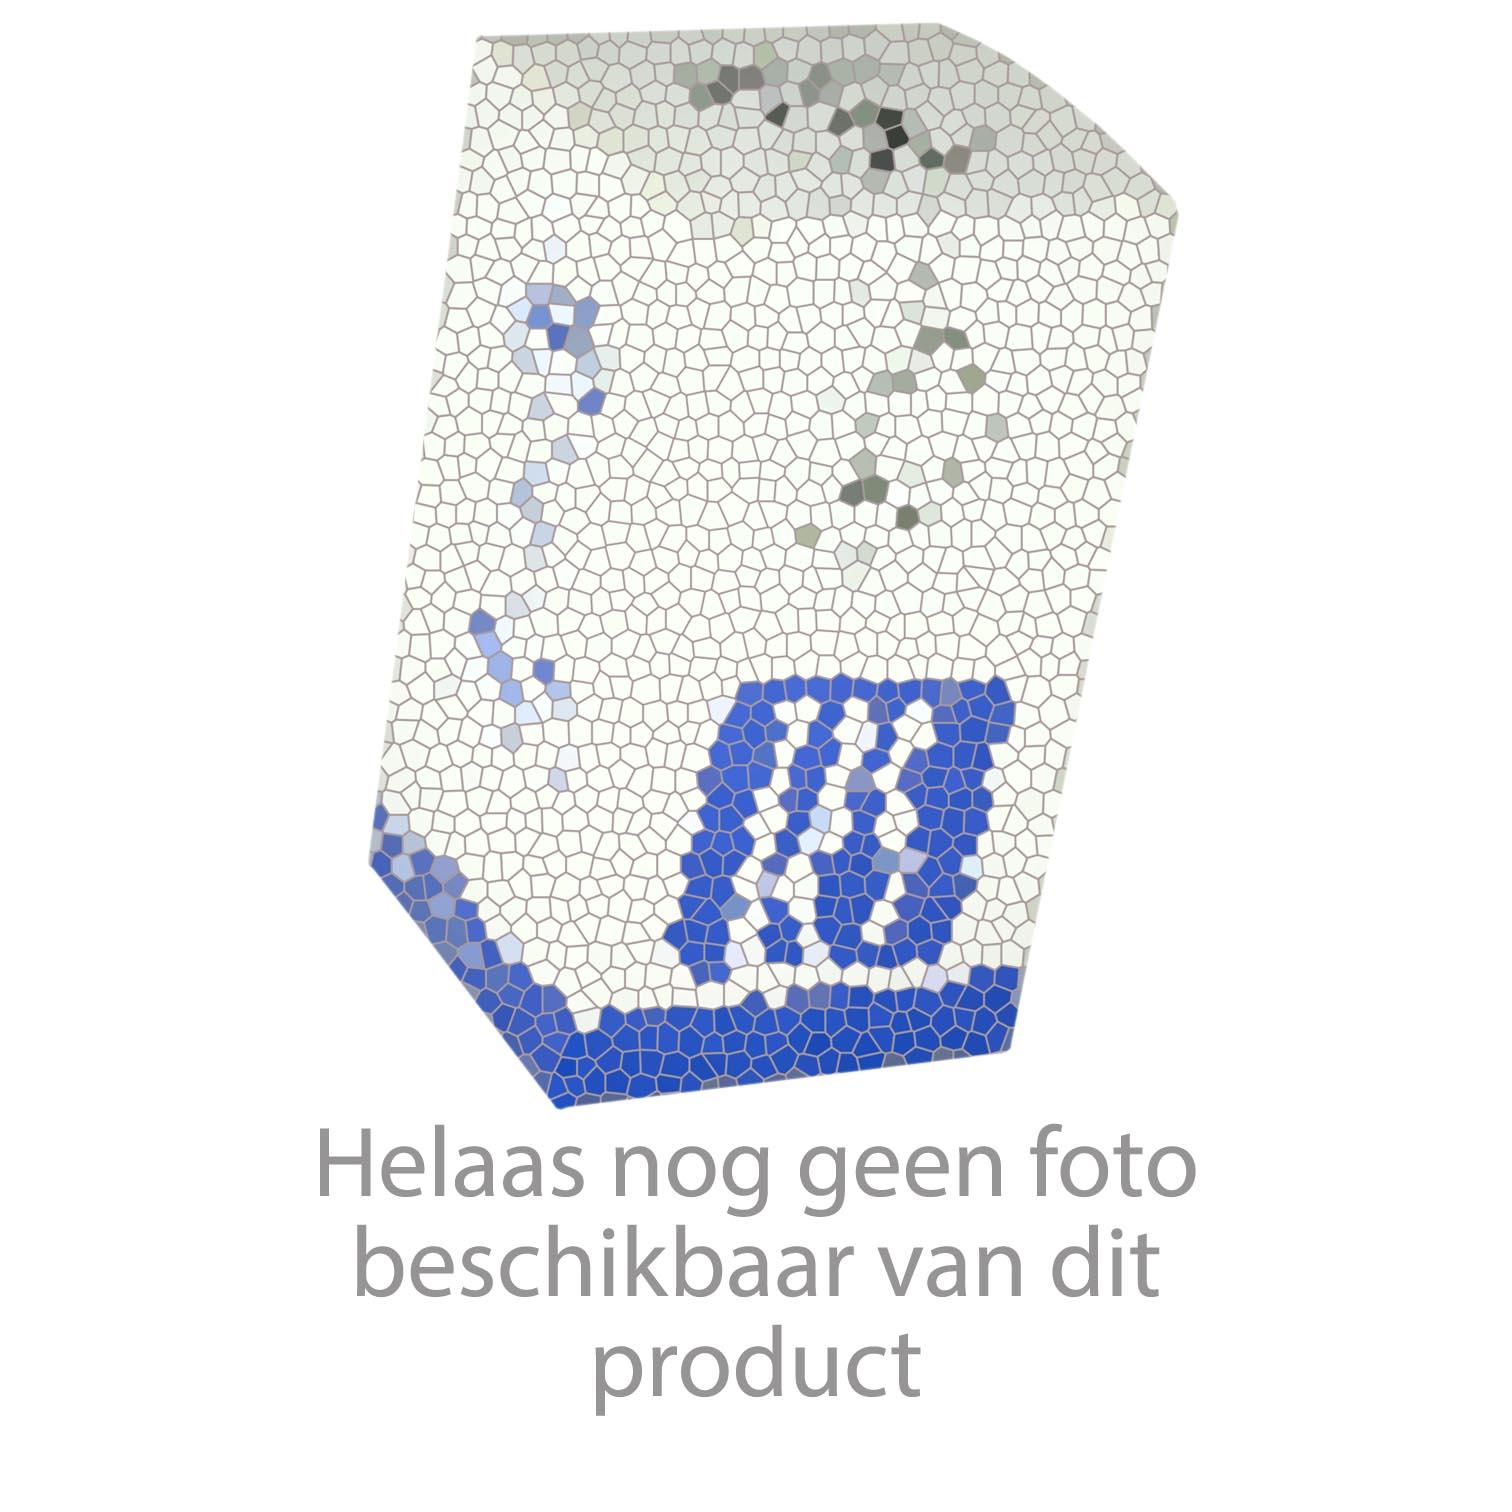 HansGrohe Keukenmengkranen Allegra Slim productiejaar > 07/96 31905 onderdelen